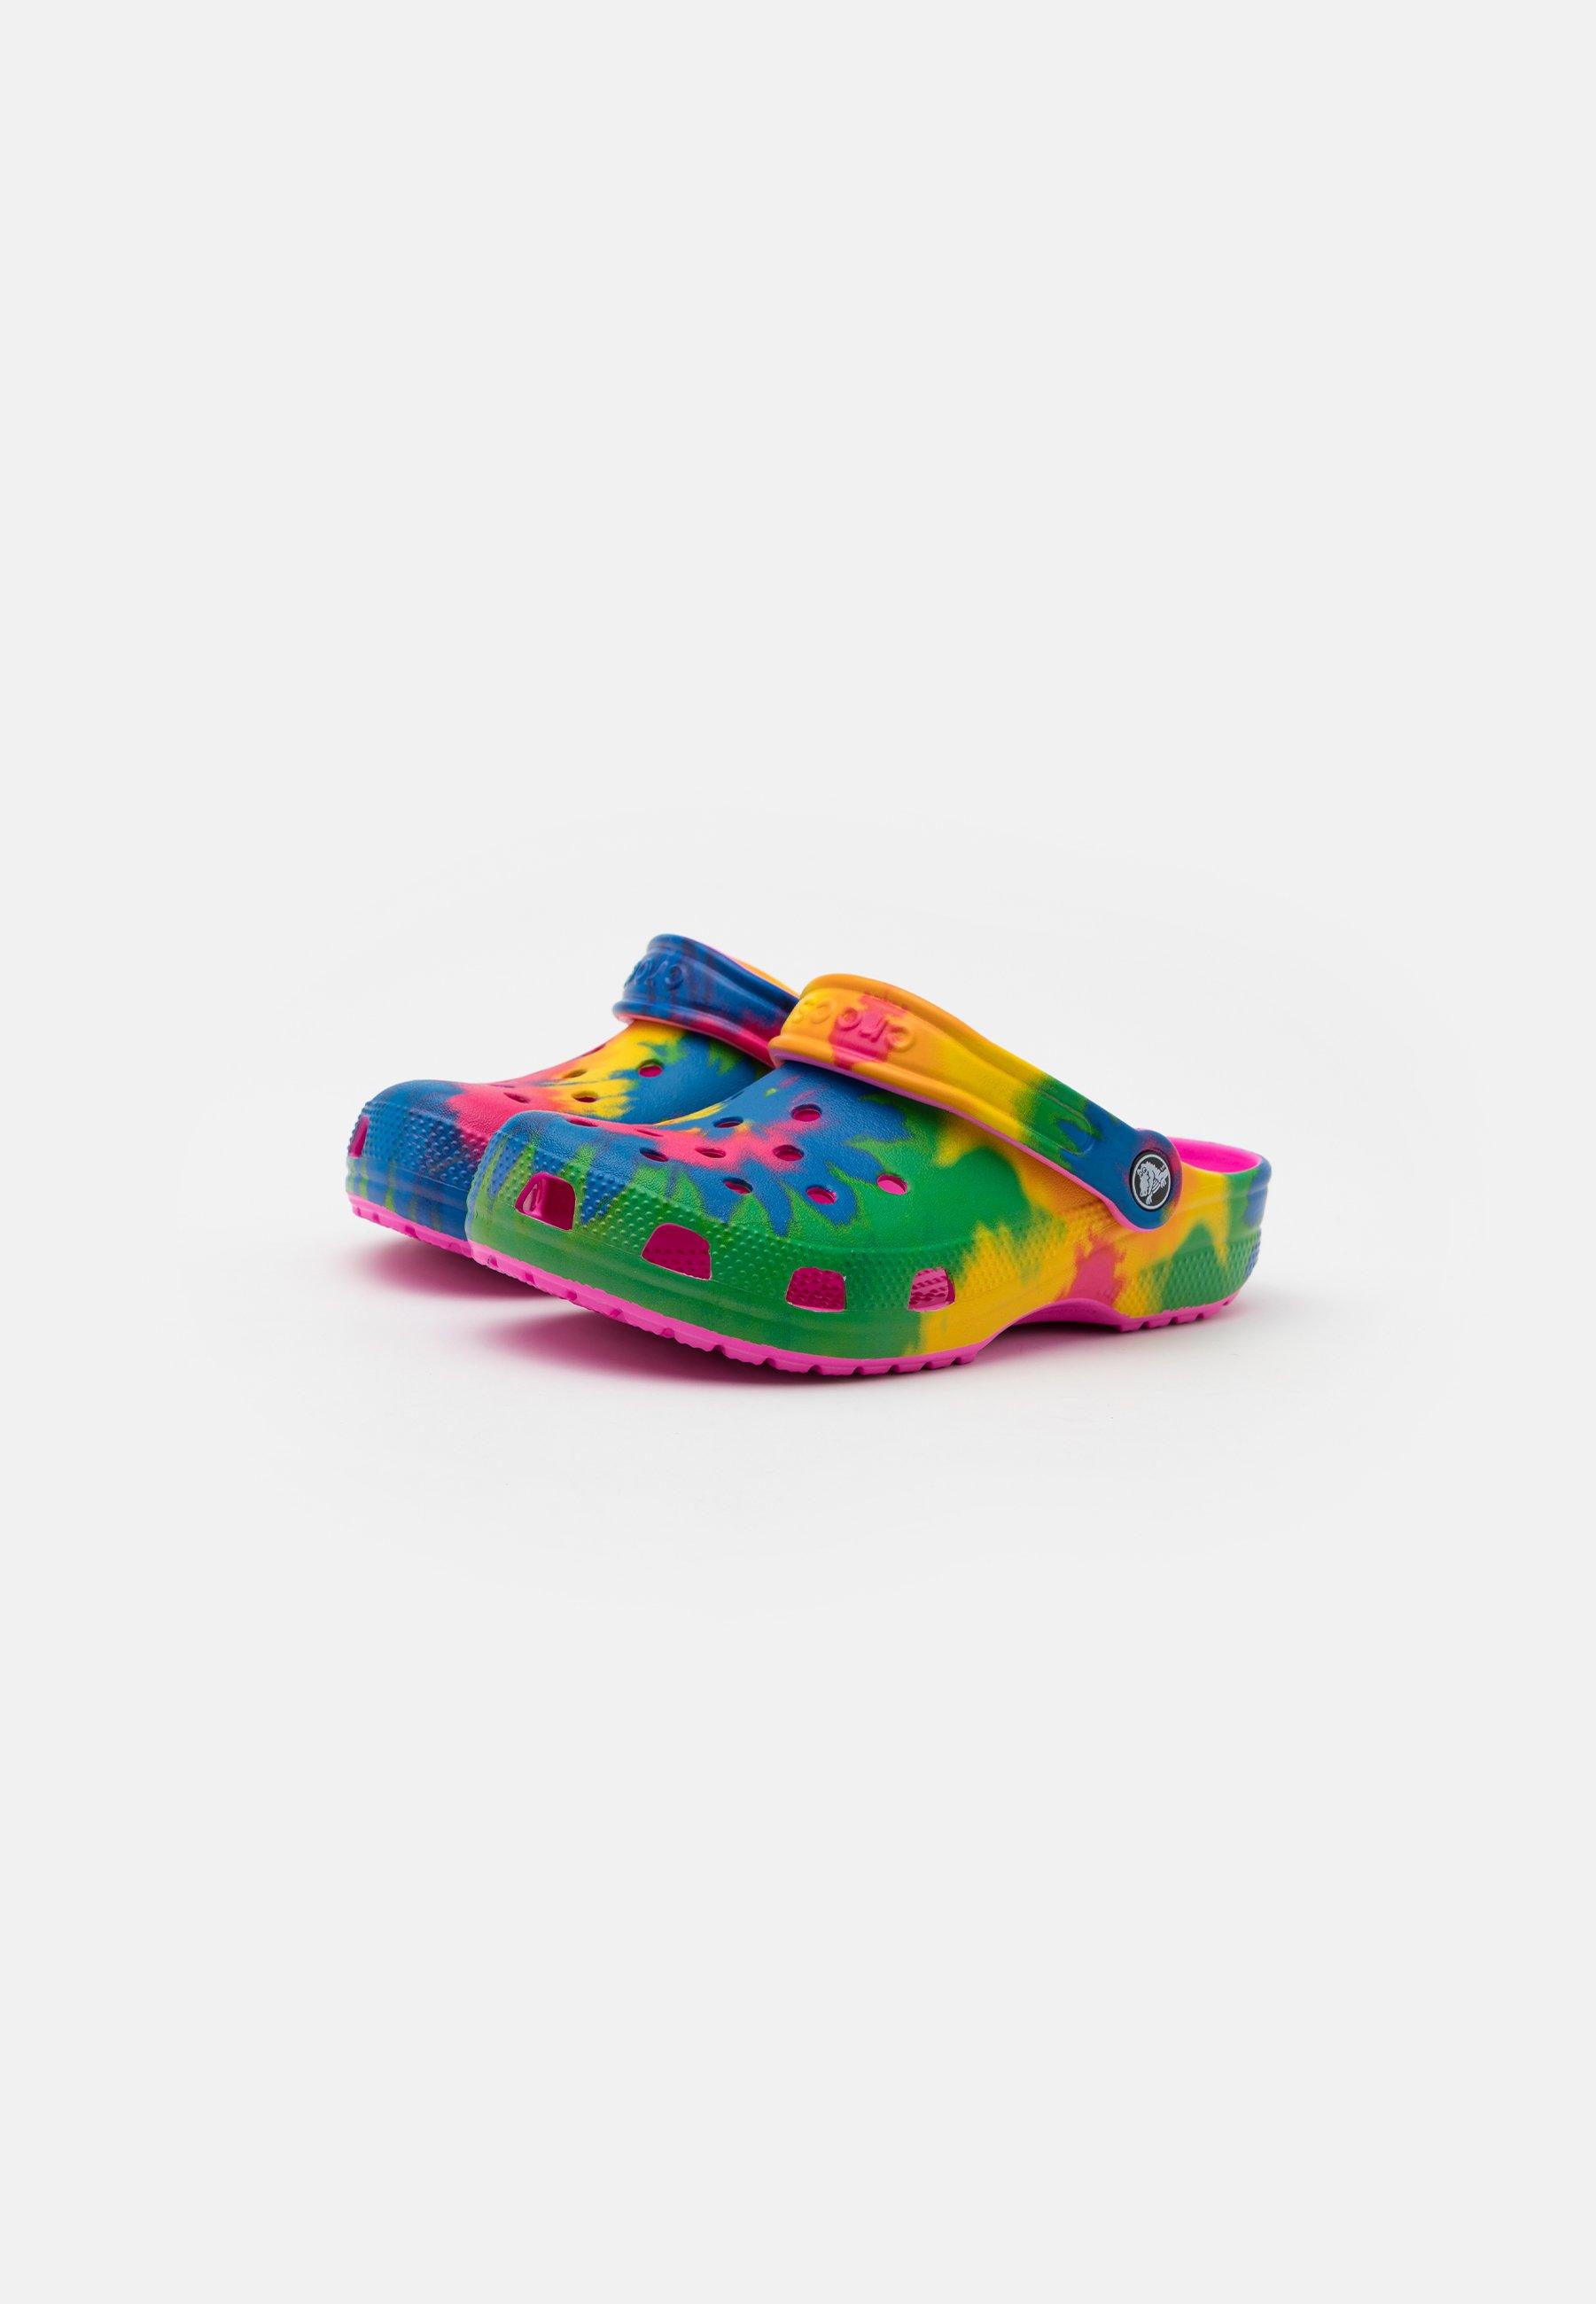 Crocs CLASSIC TIE DYE GRAPHIC Pantolette flach electric pink/multicolor/mehrfarbig